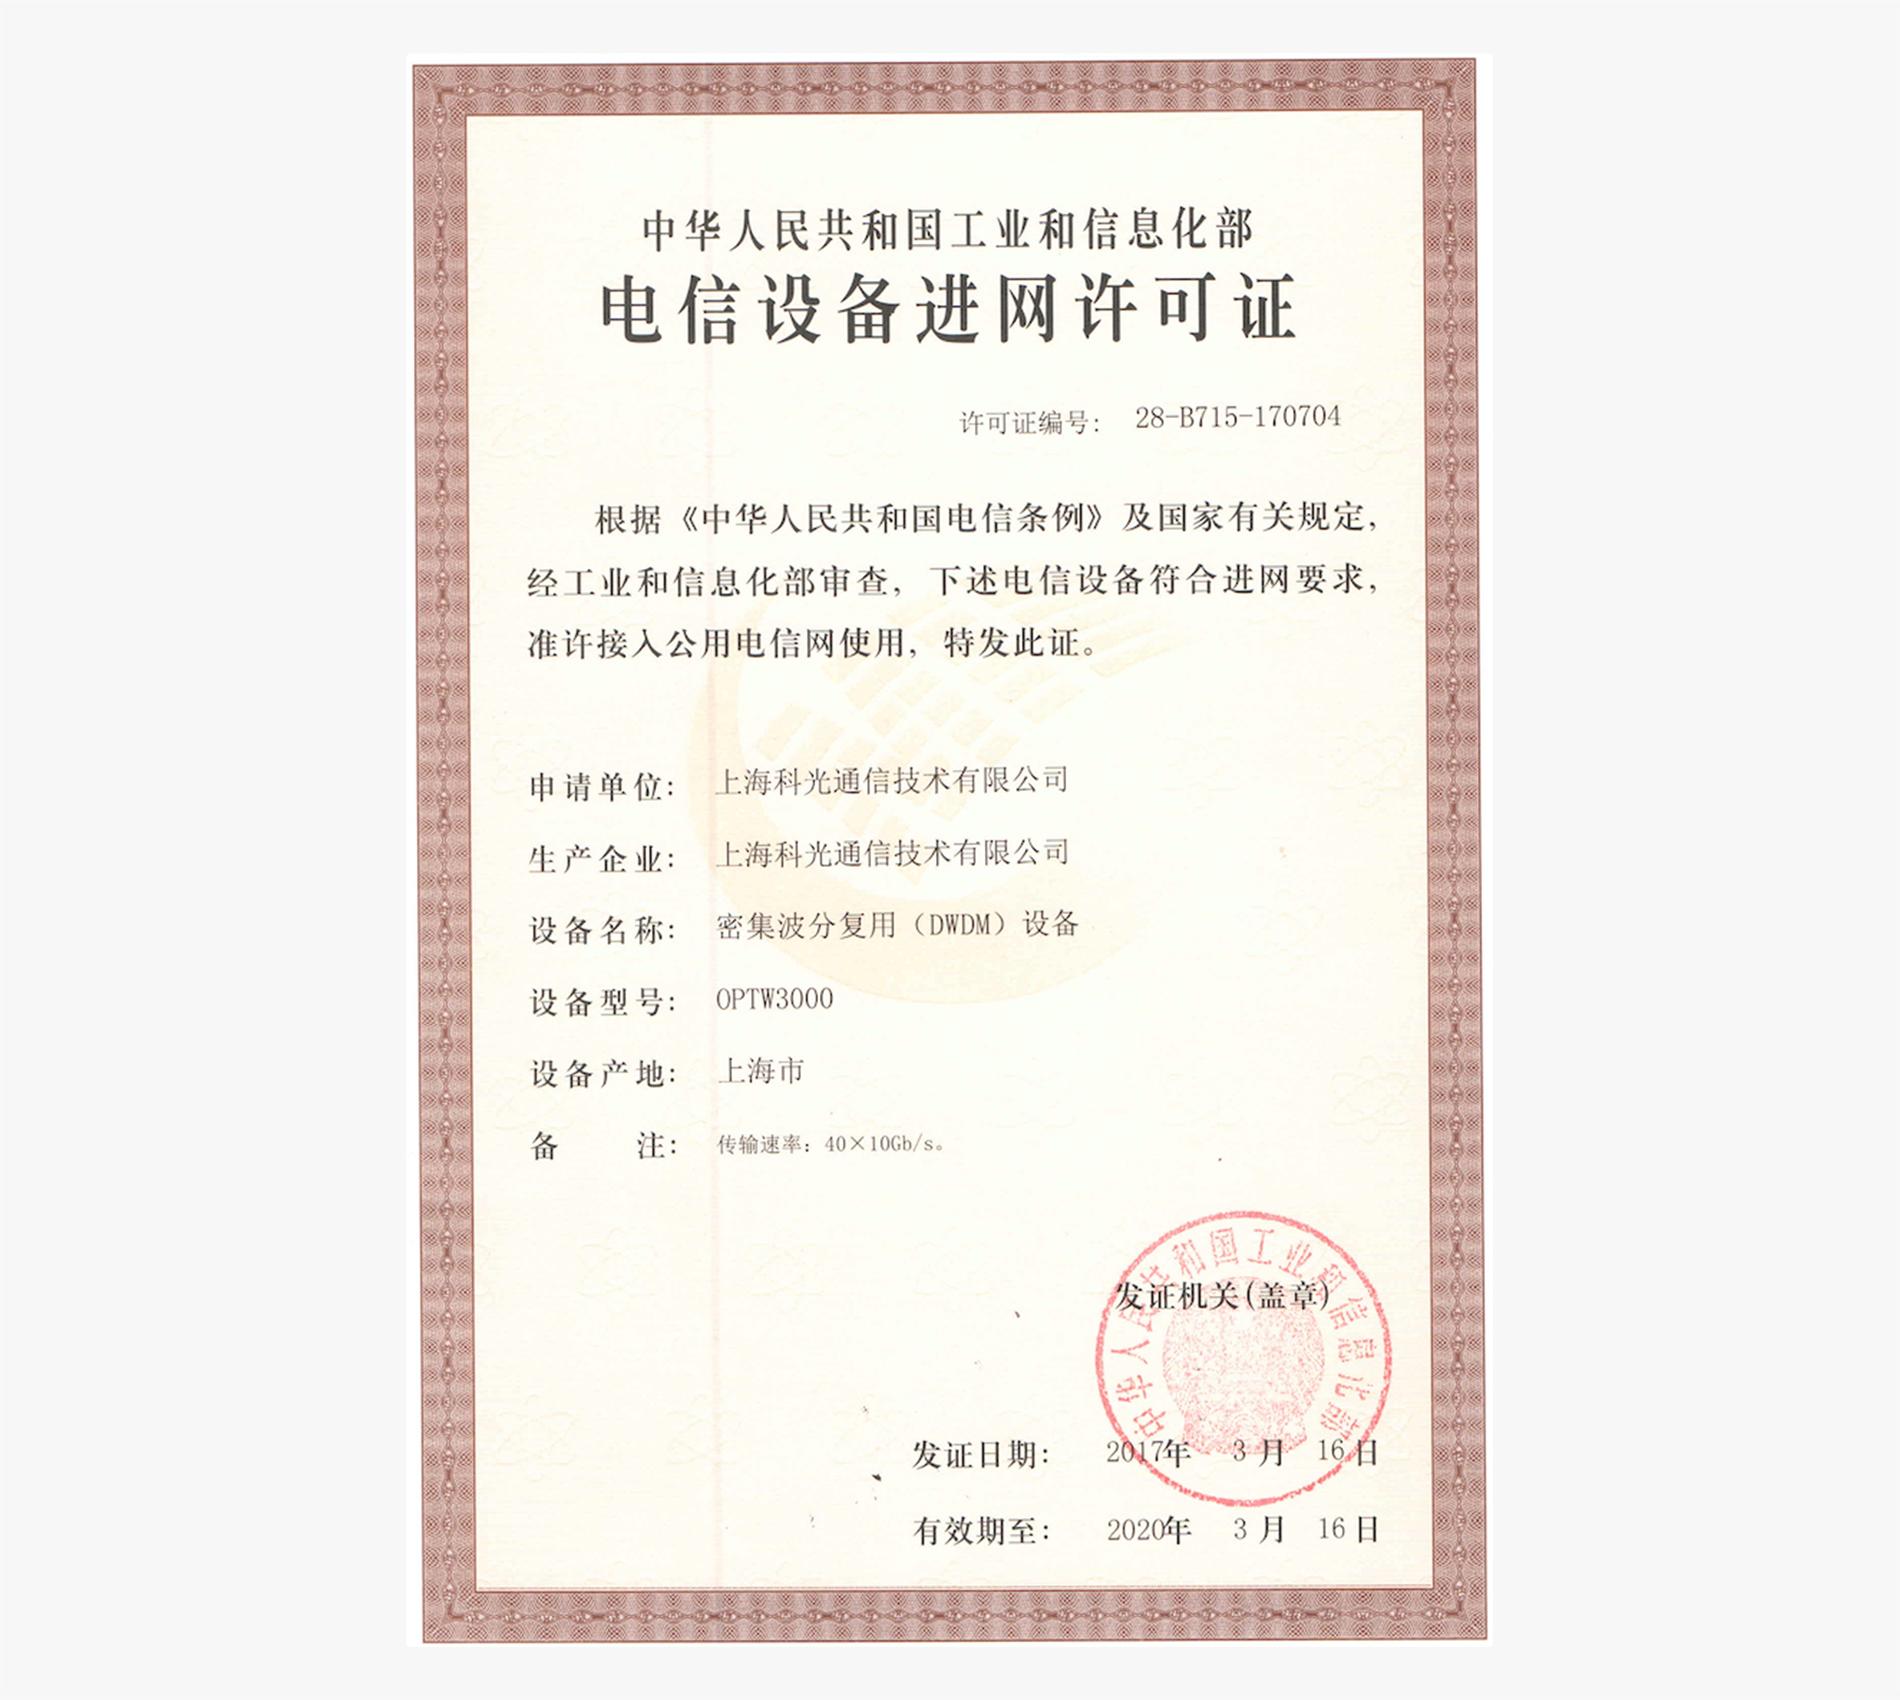 DWDM进网许可证